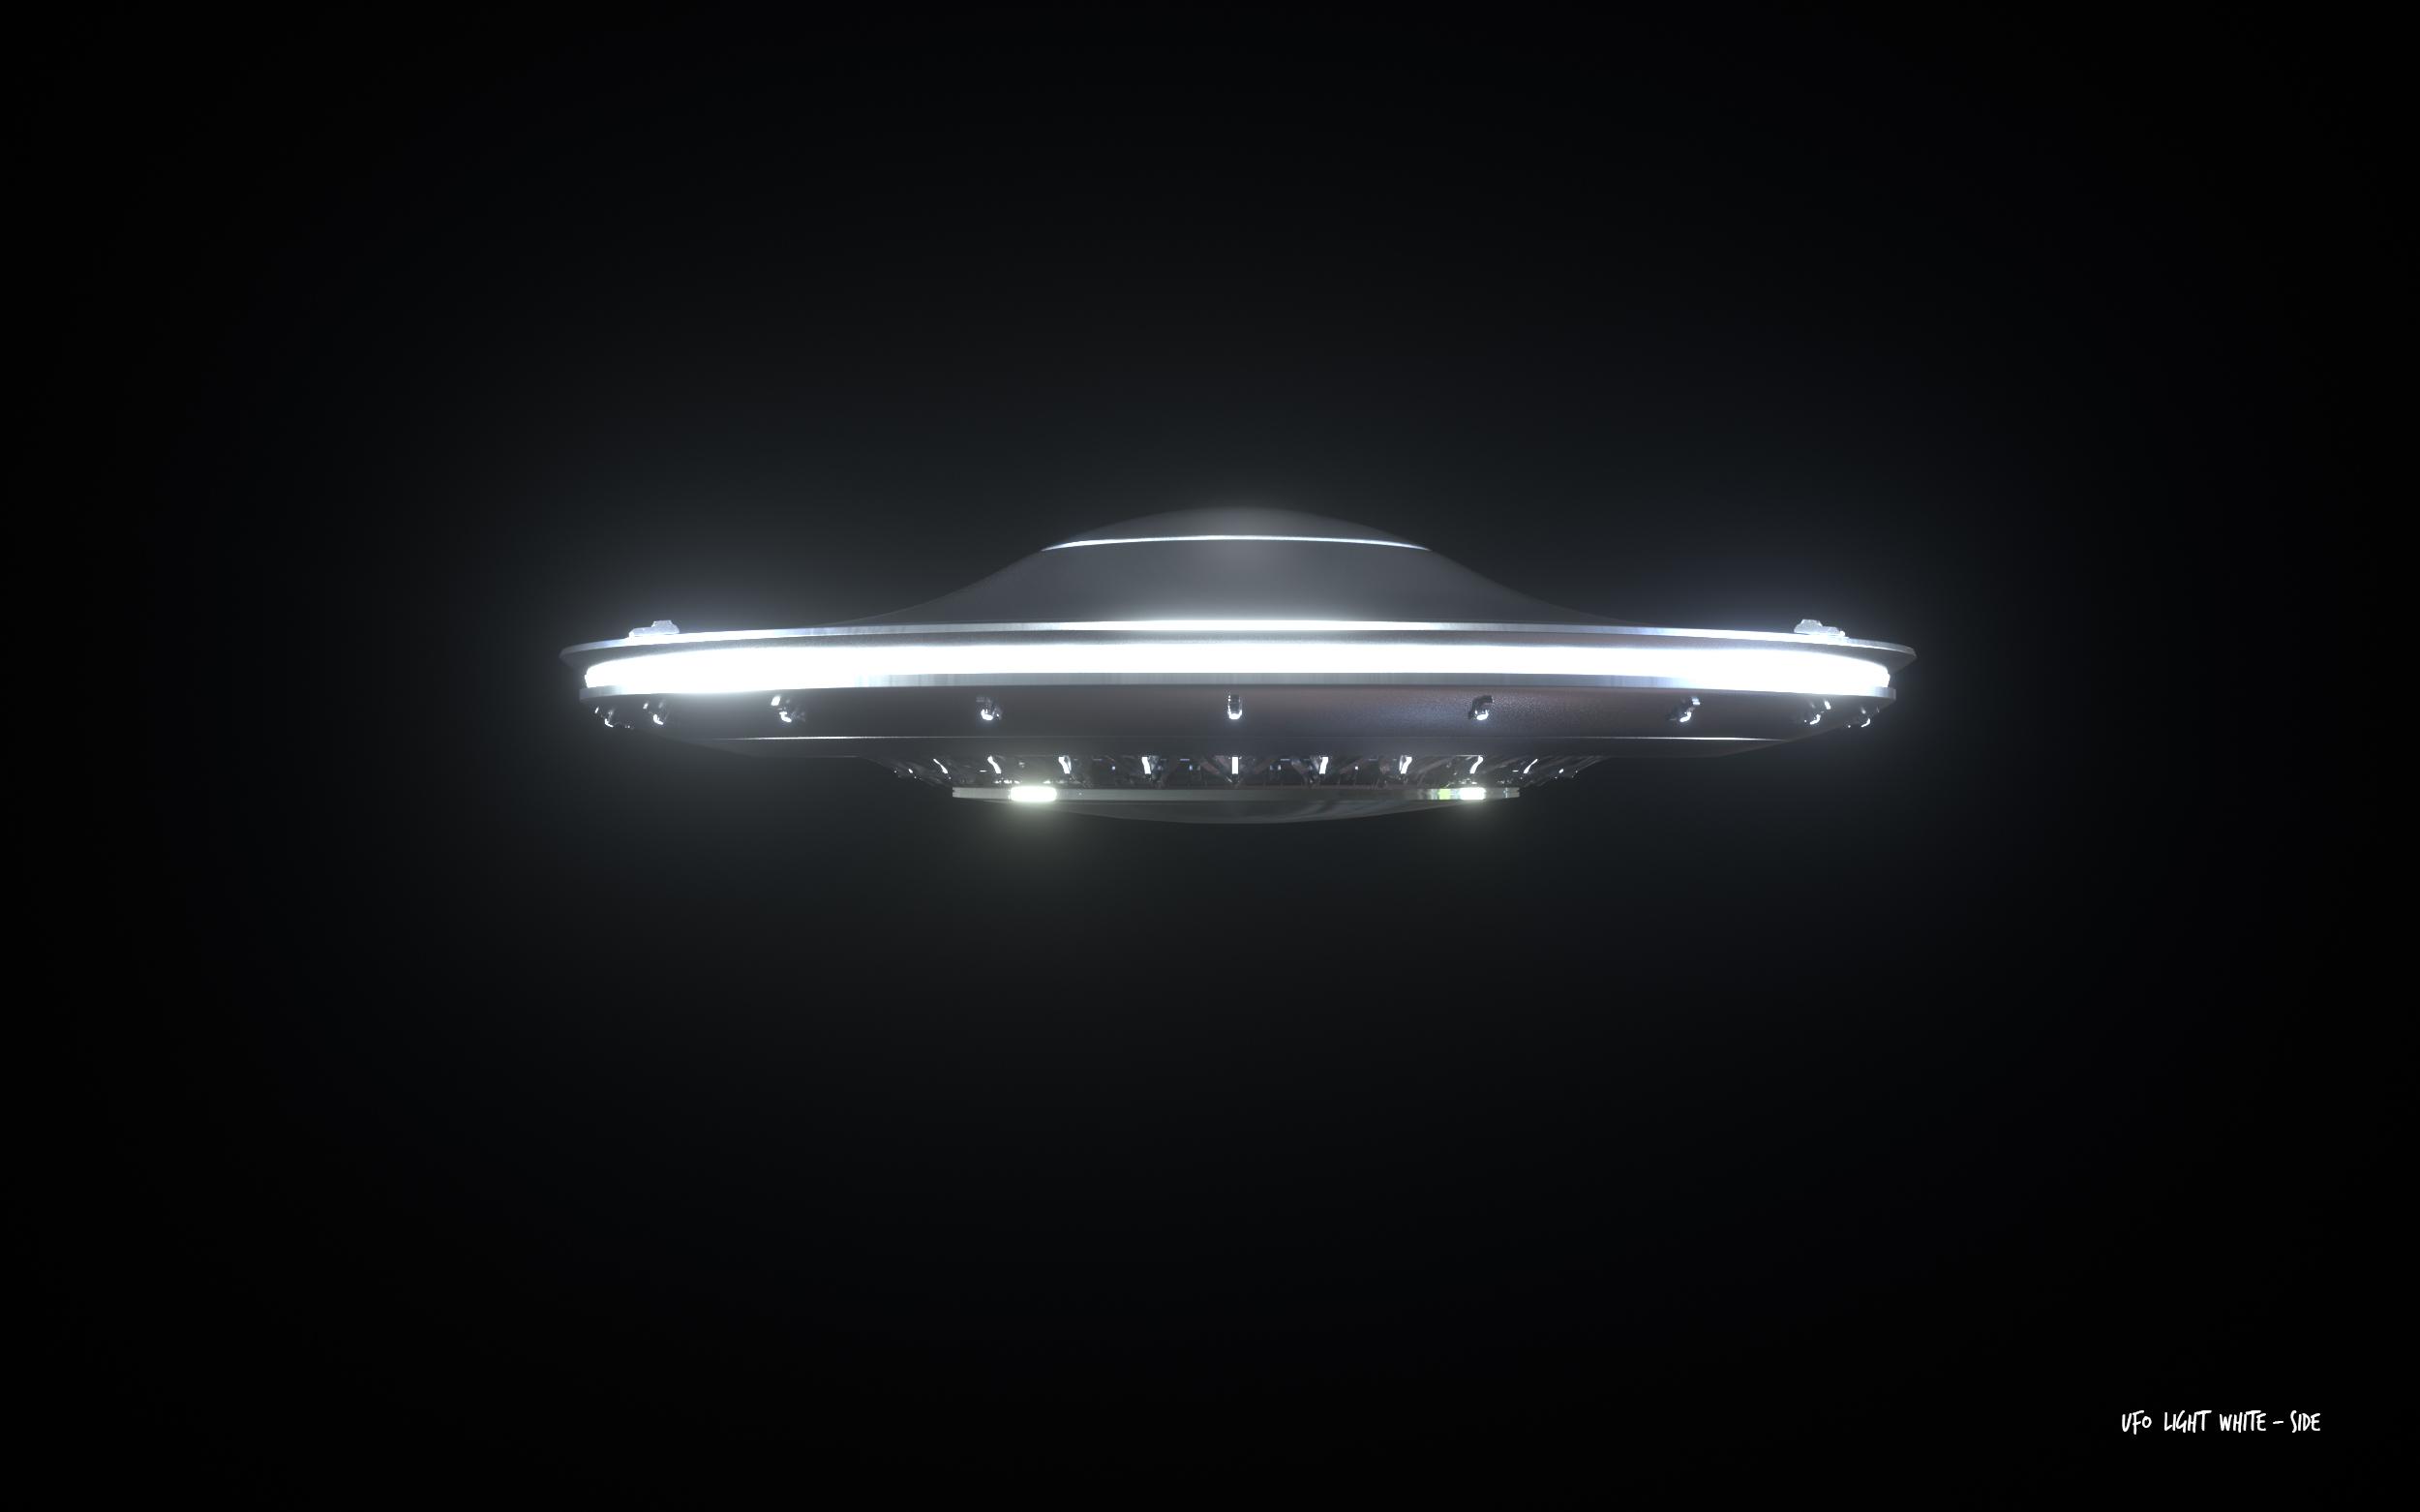 ufo_5_side0000